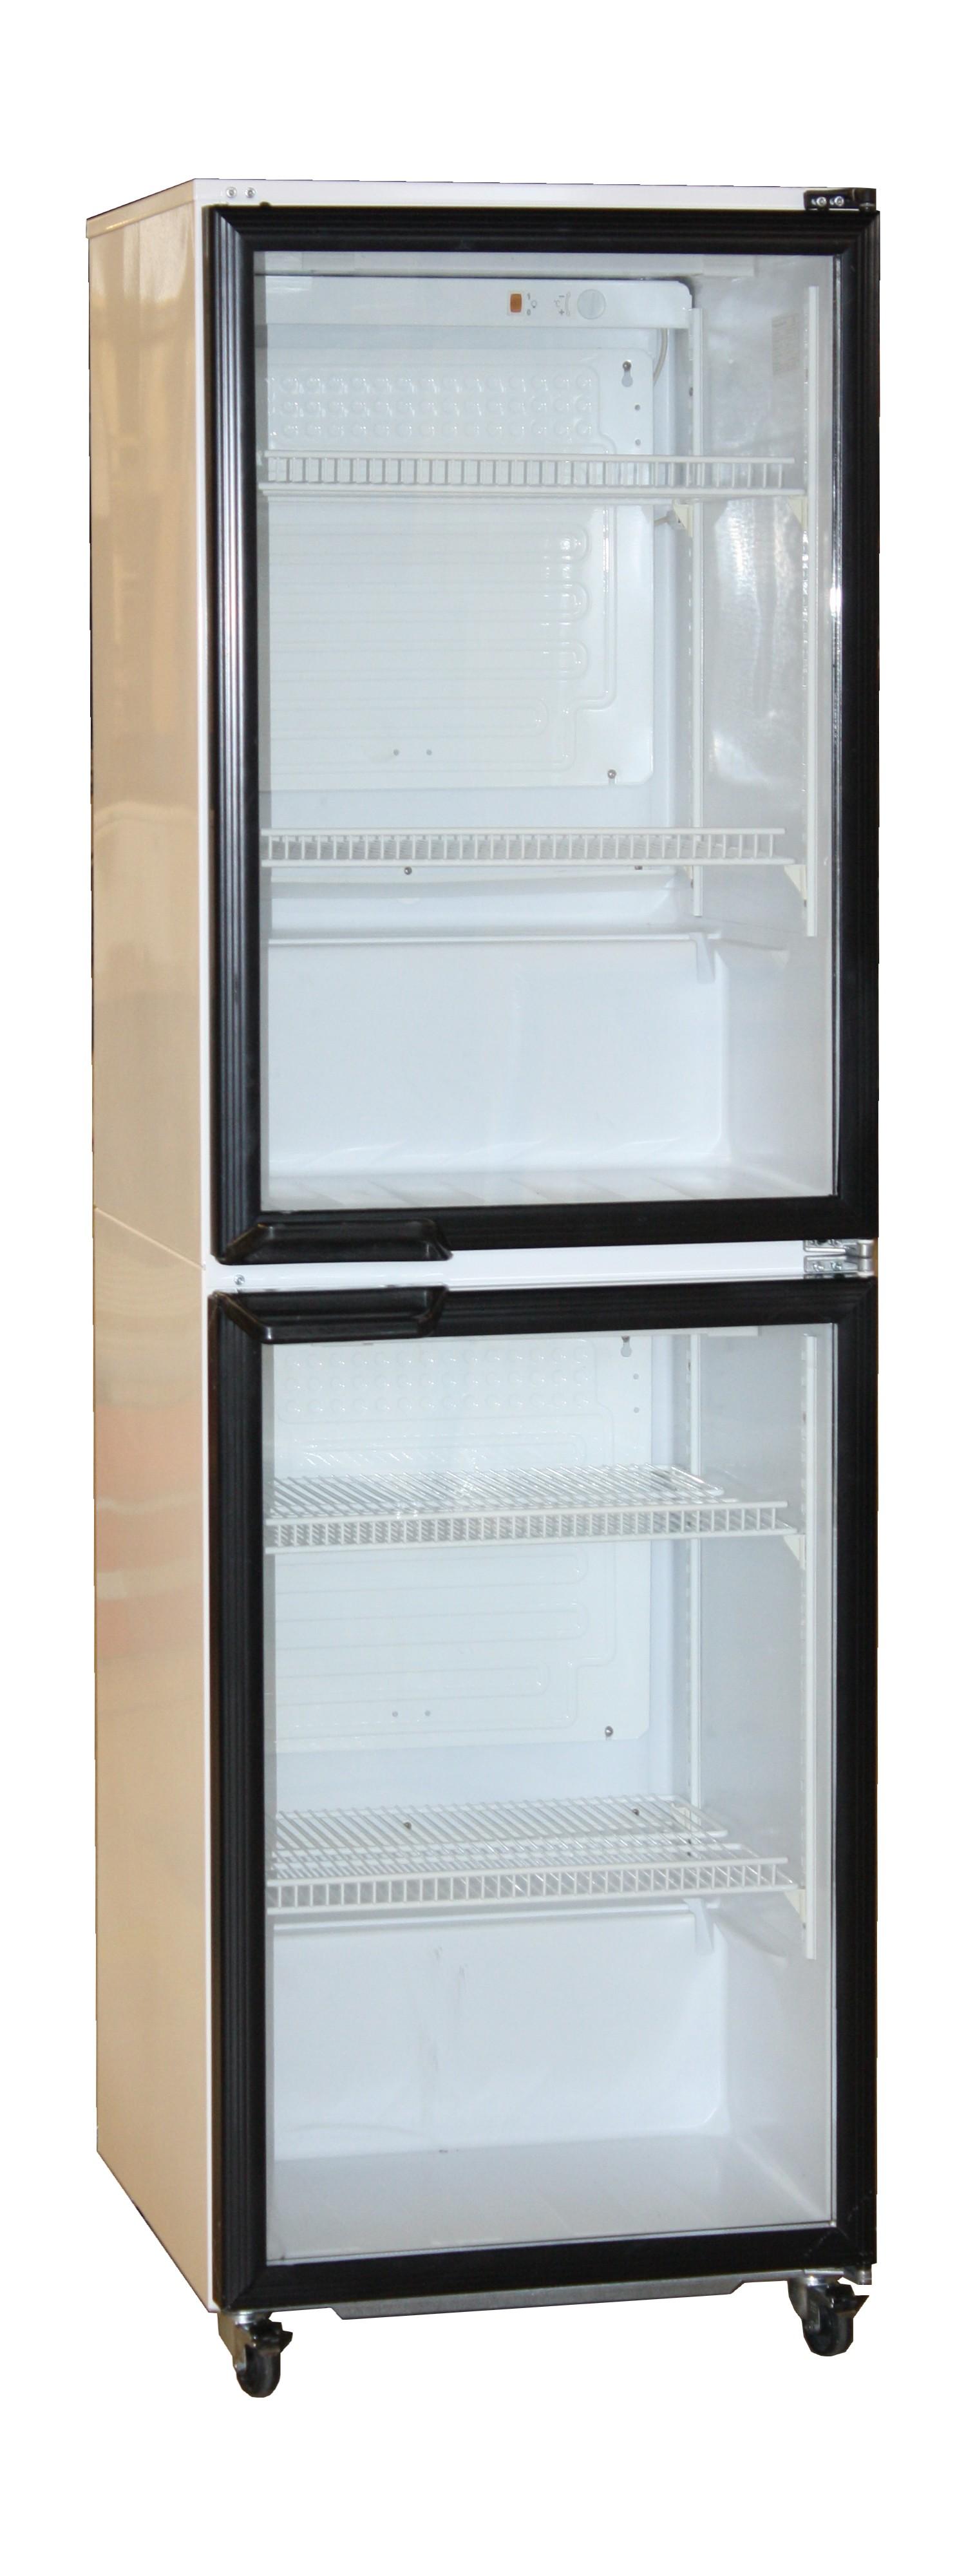 Gastro zařízení a chladící technika - pro prodejny, restaurace a jiné gastro provozy